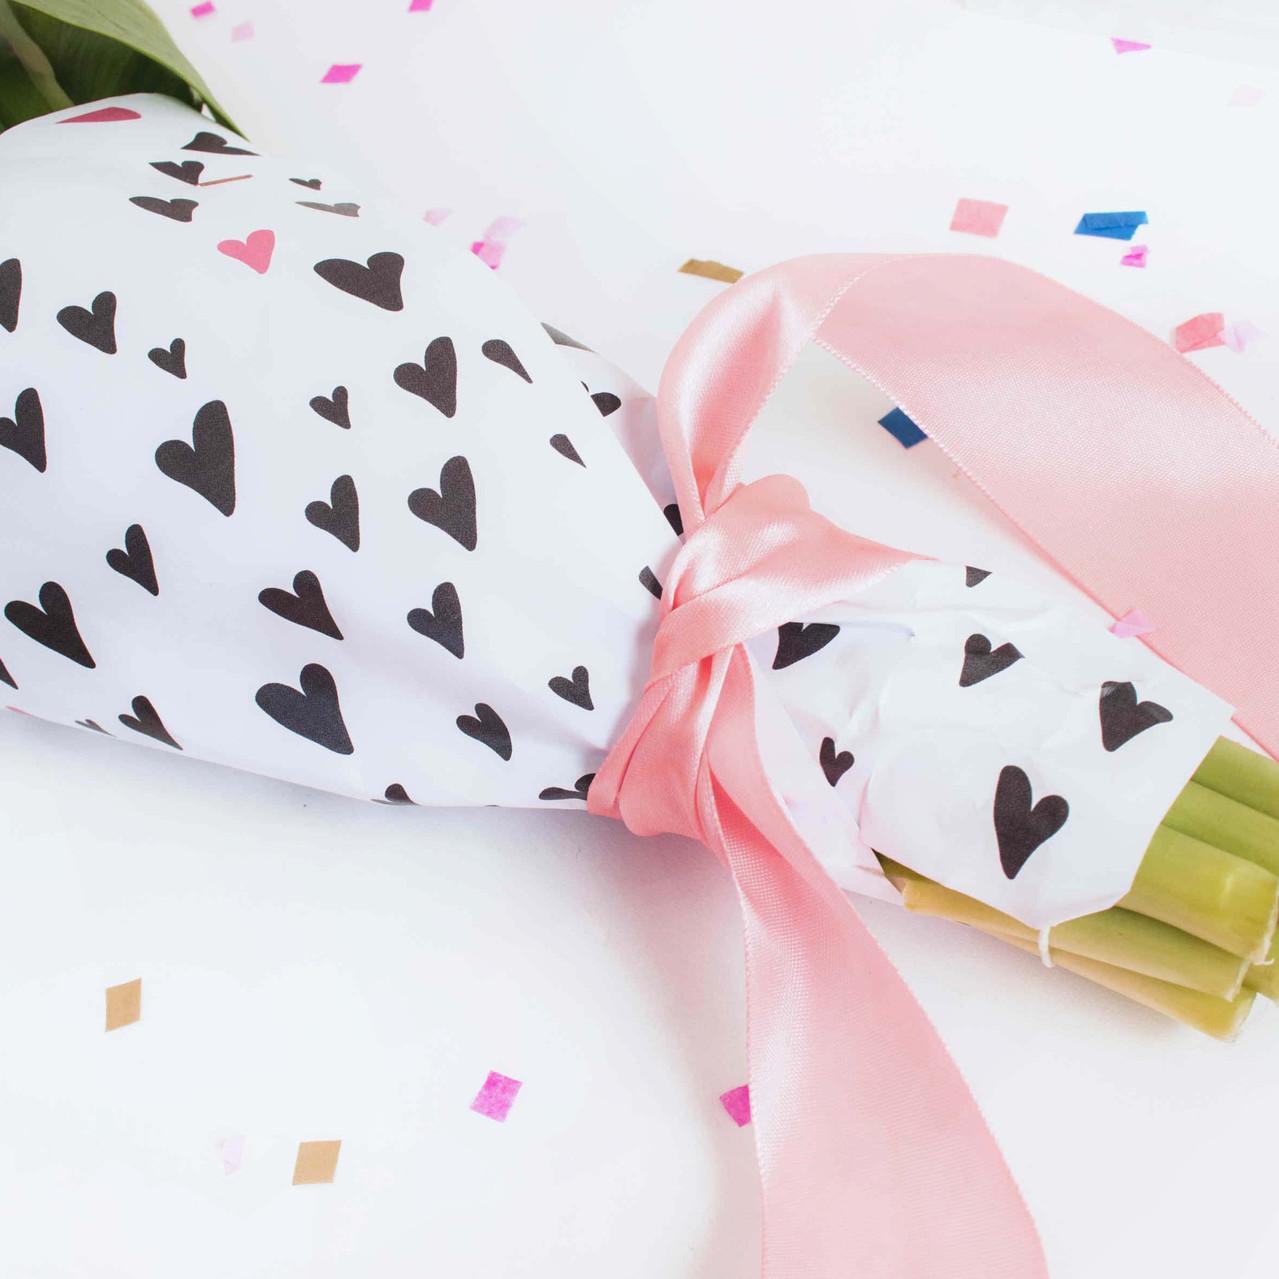 DIY, Valentinstag, Valentine, Valentinstagsideen, Printables, Freebies, Valentinstagsgeschenke, Geschenkideen